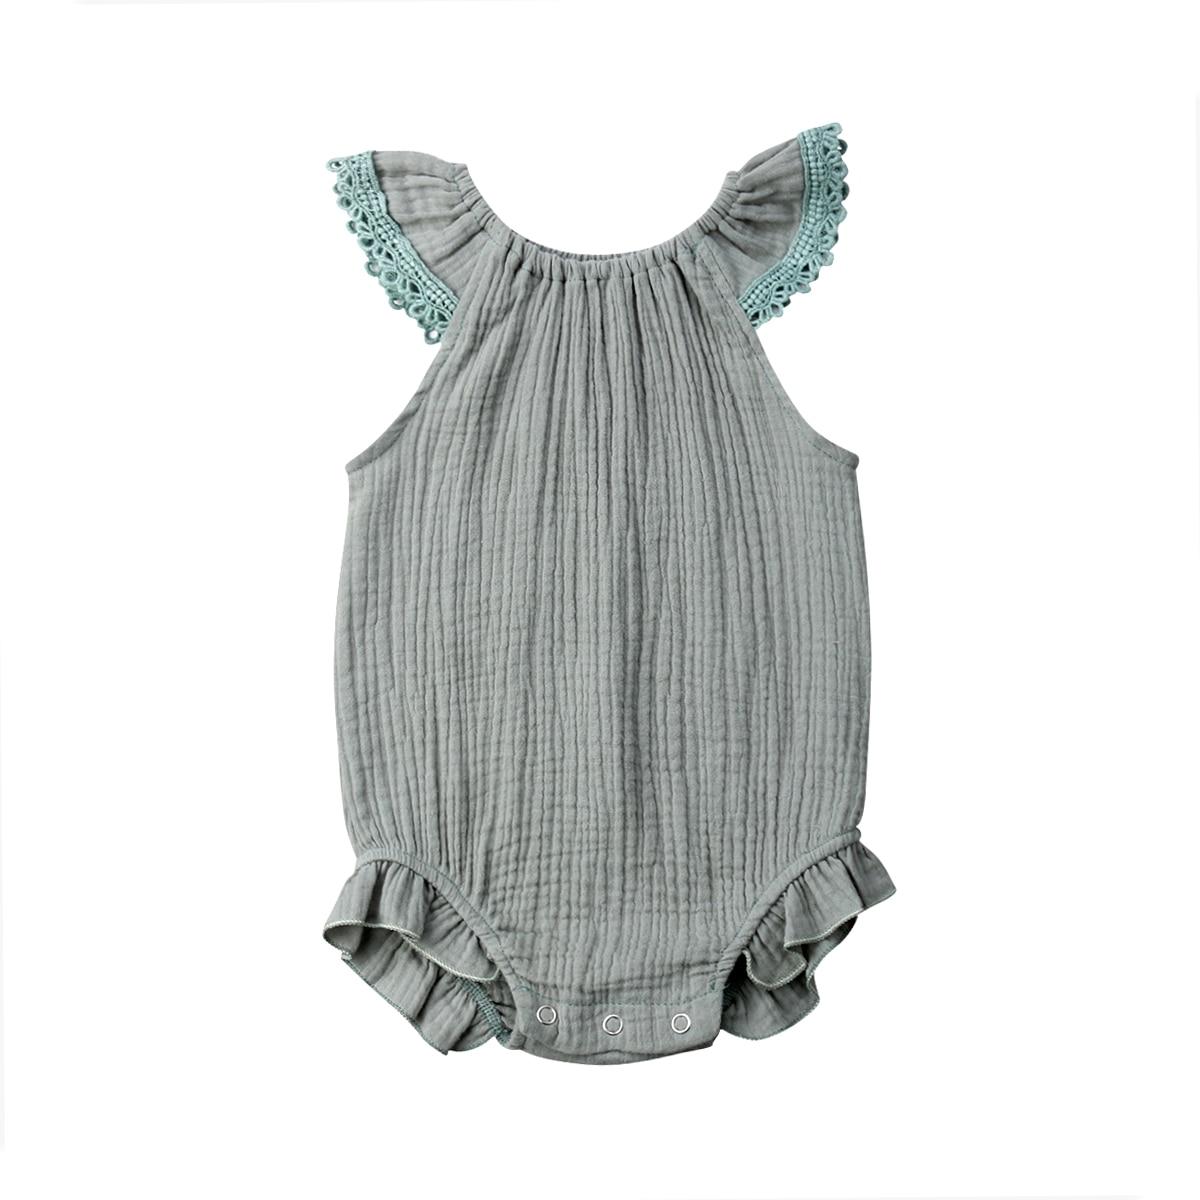 0-18 M Neugeborenen Baby Mädchen Ärmel Einfarbig Baumwolle Romper Overall Outfits Sommer Kleidung